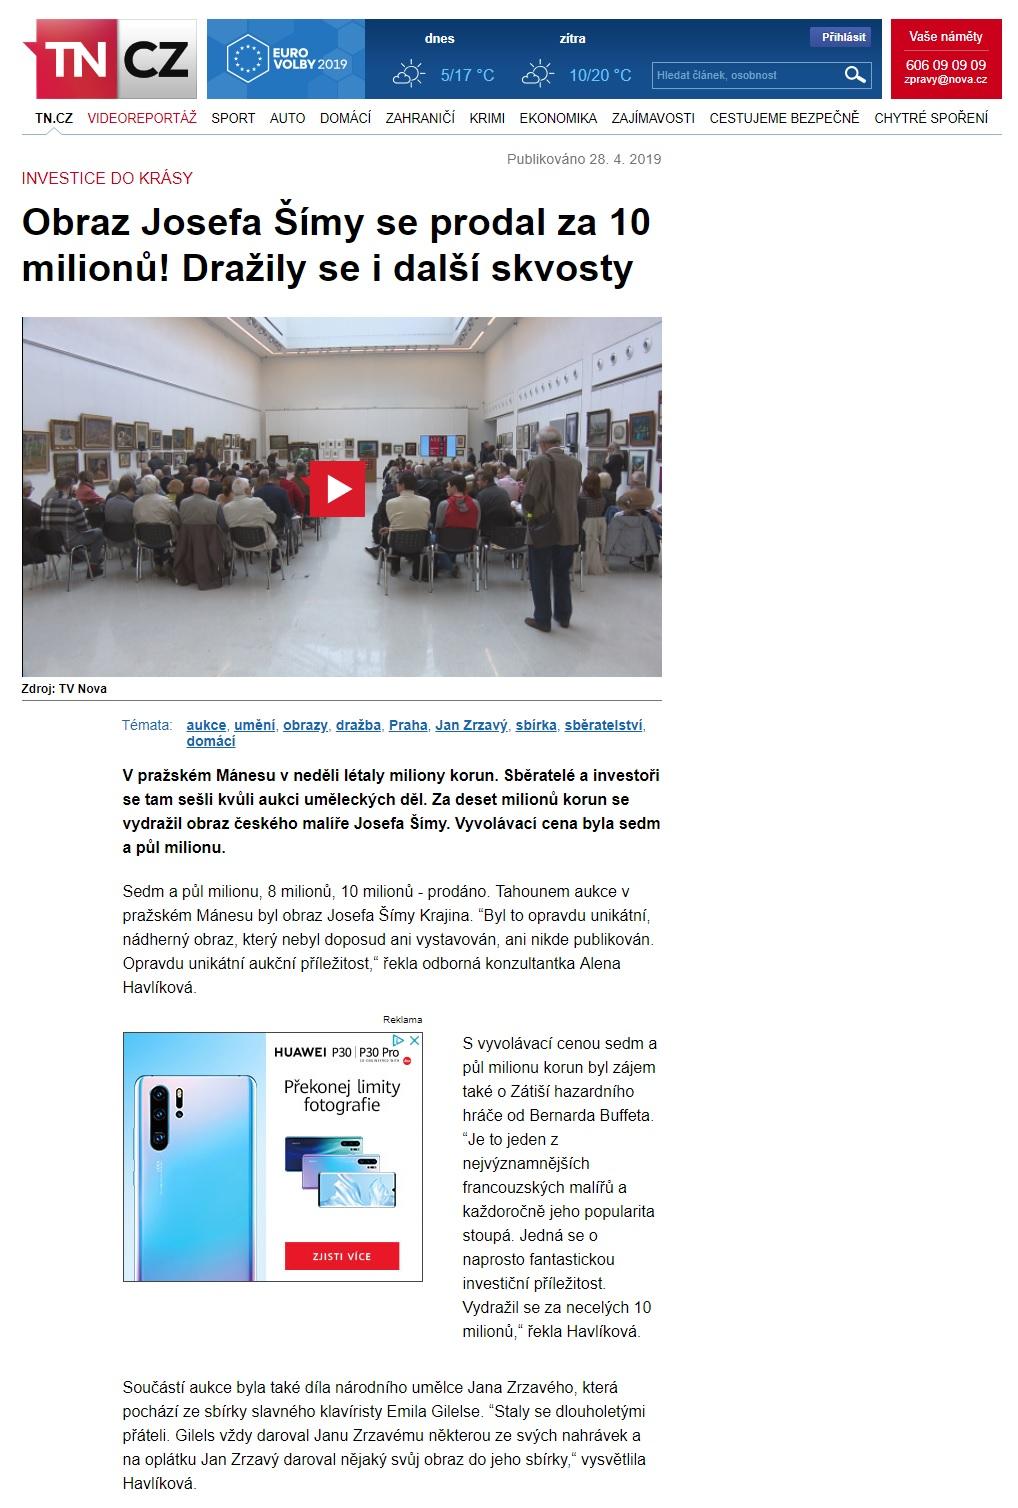 tn.cz, 28.4.2019